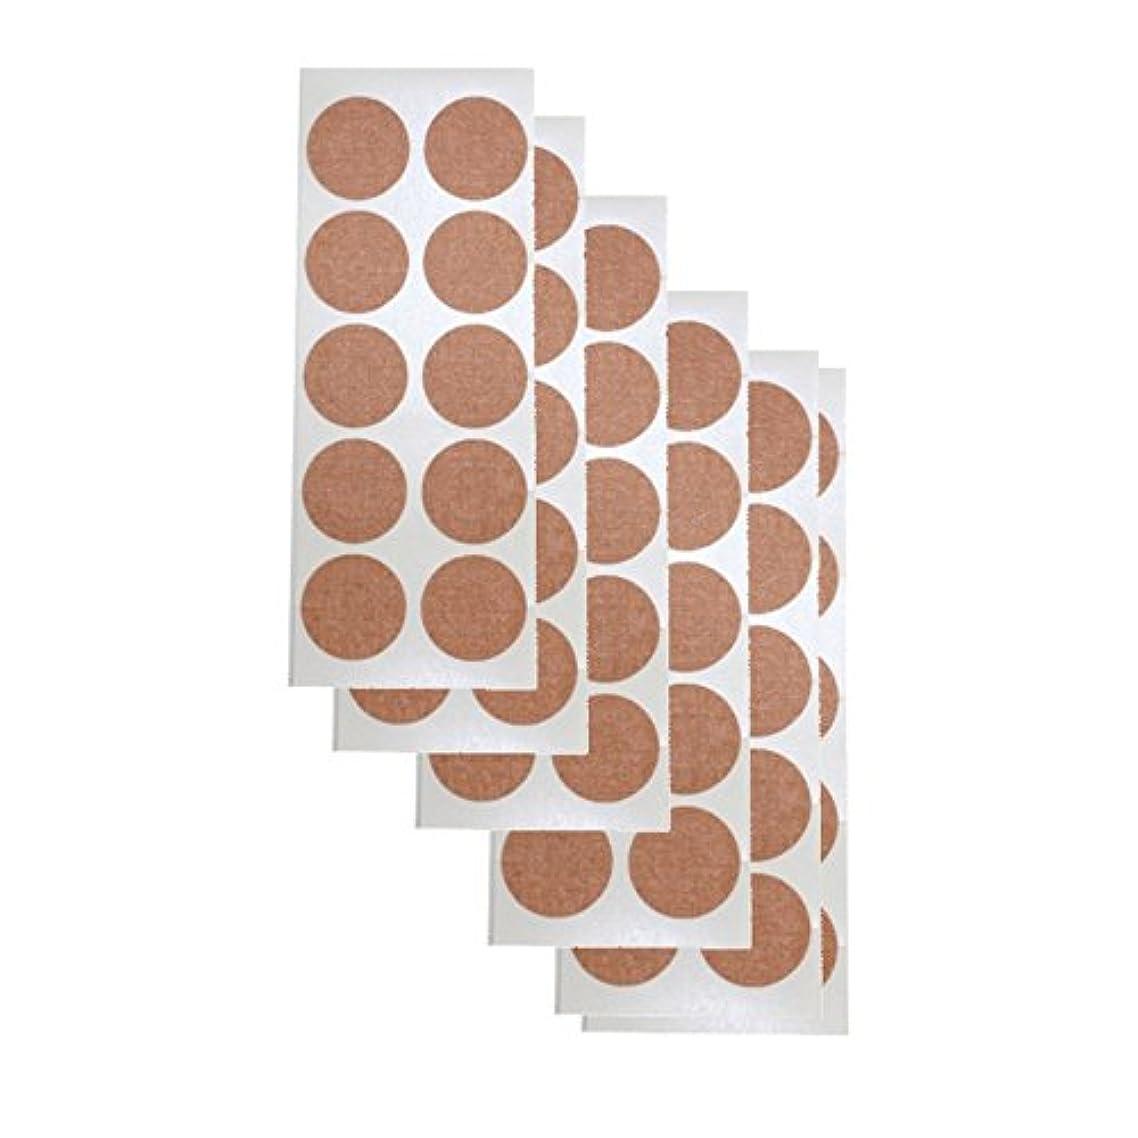 ジャンピングジャックディスク意義TQチップ 貼り替え用専用シール 効果は半永久的!貼っただけで心身のバランスがとれるTQチップ専用